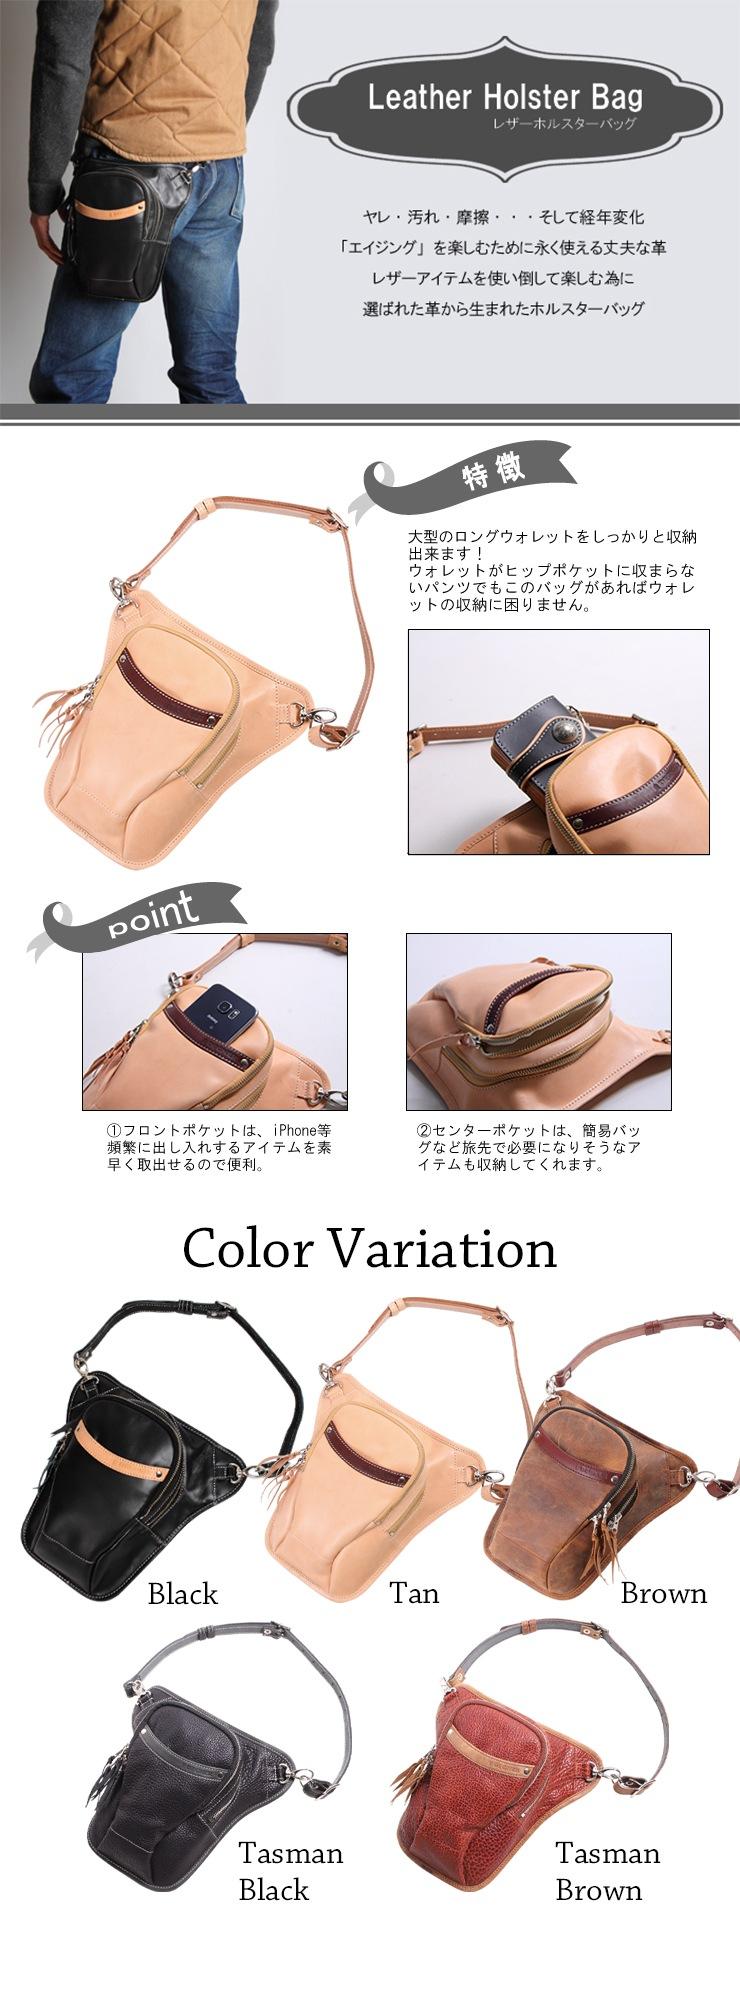 レザー 本革 革 小物 財布 肌 タン 鞄 ウエスト バッグ W-39